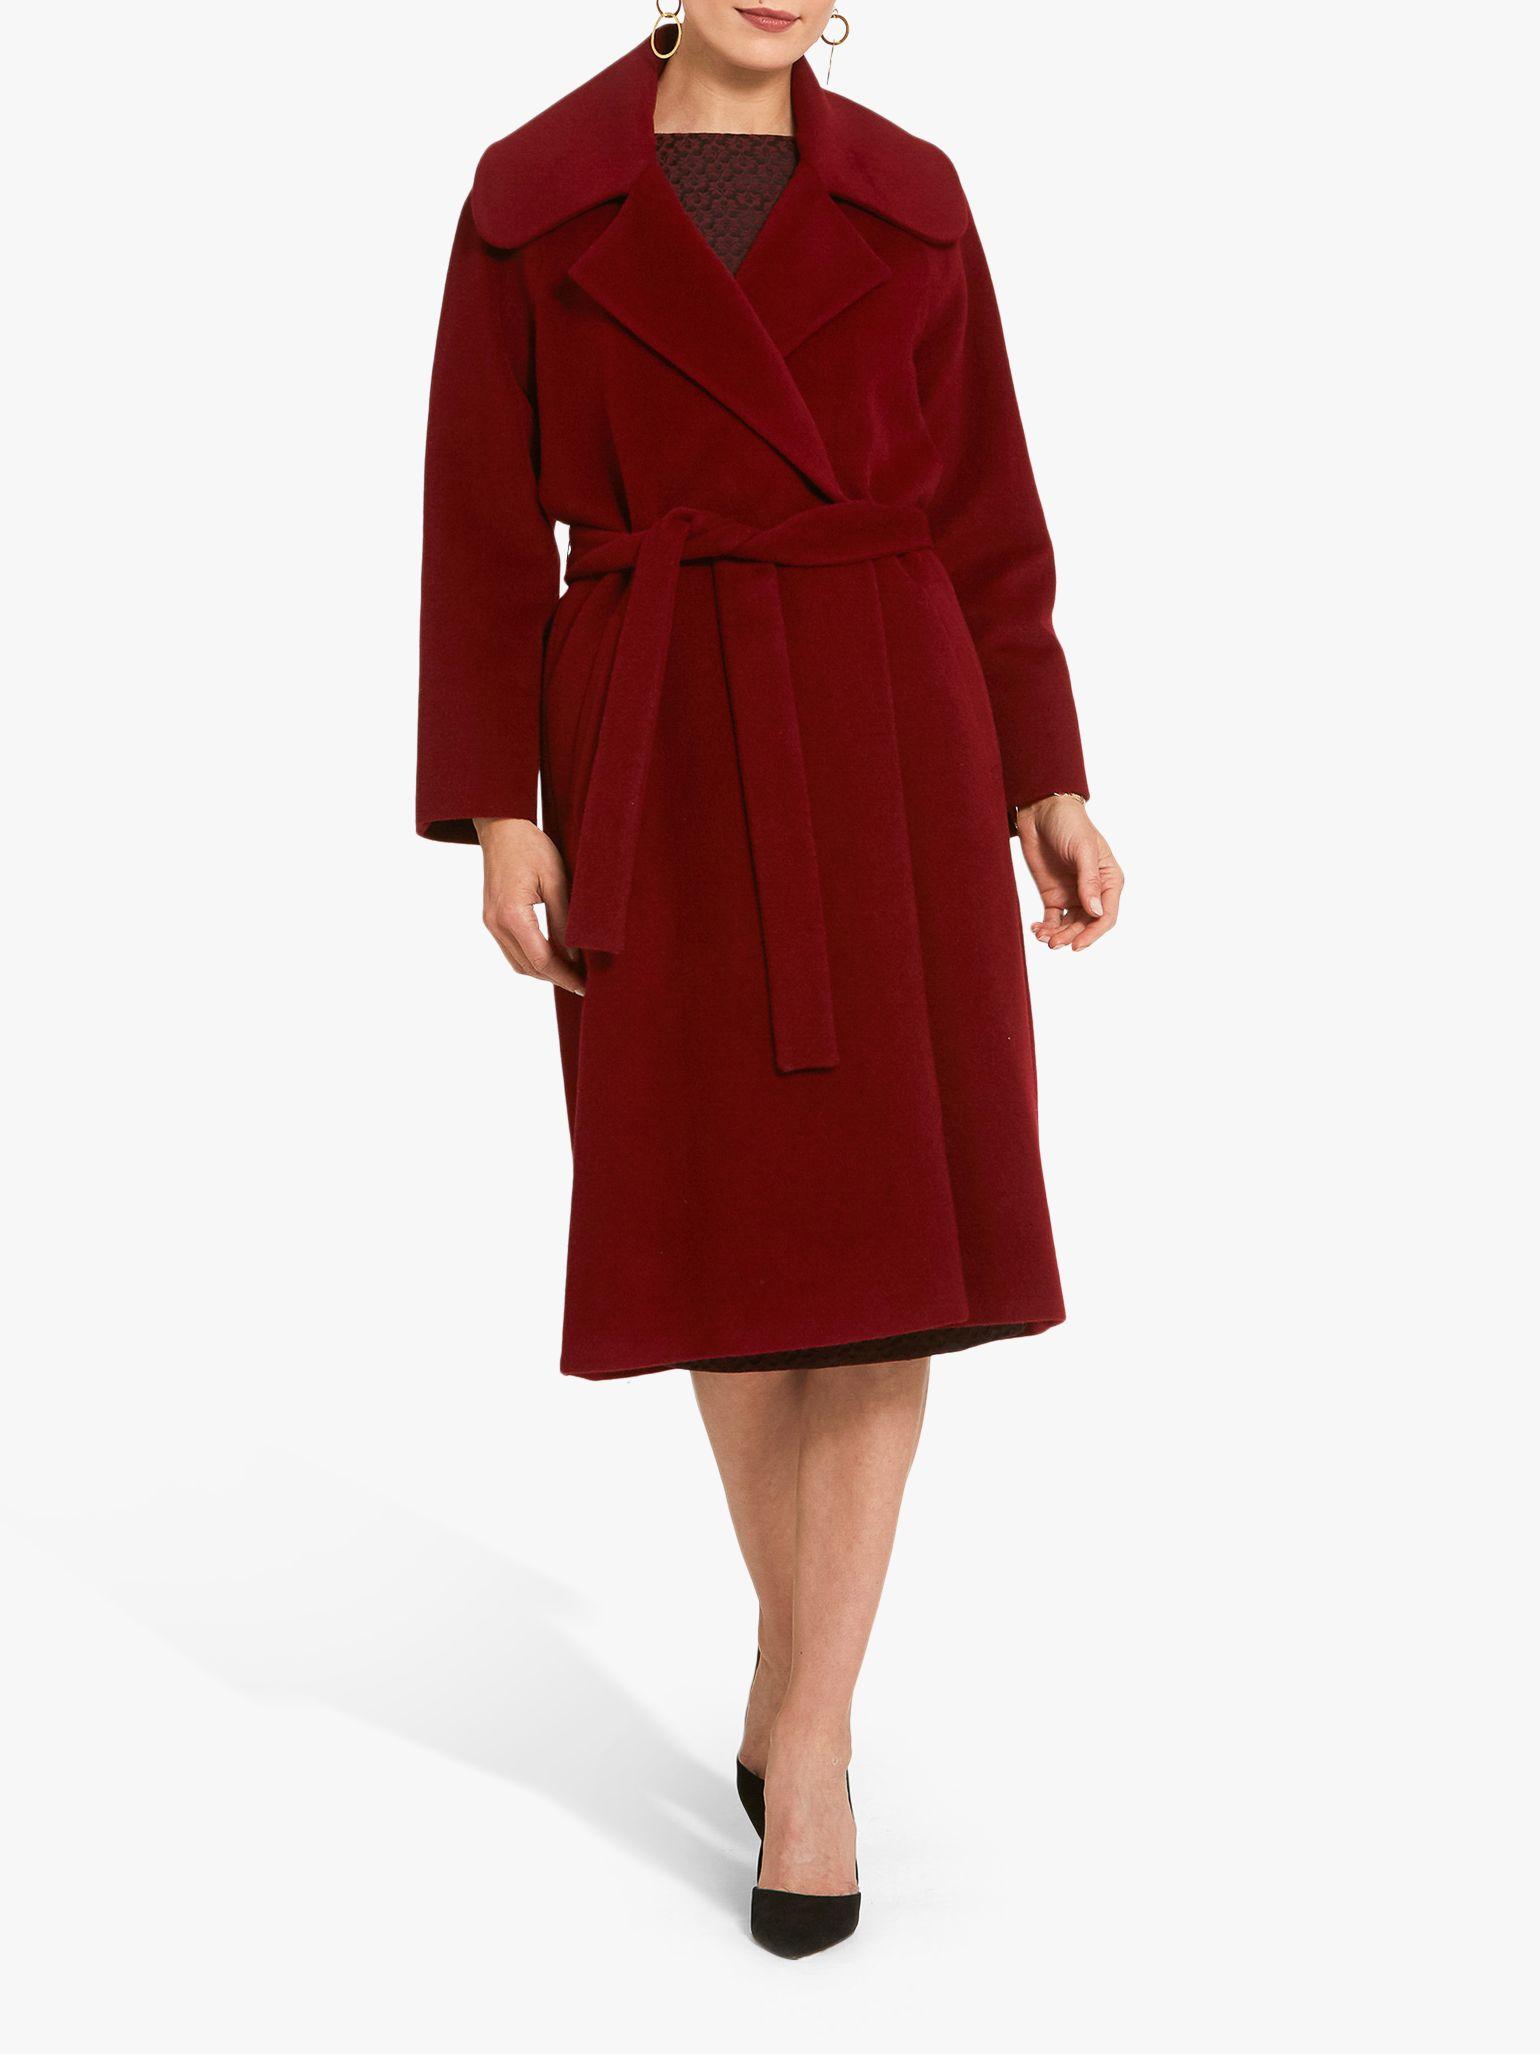 Helen McAlinden Helen McAlinden Jodie Coat, Ruby Red